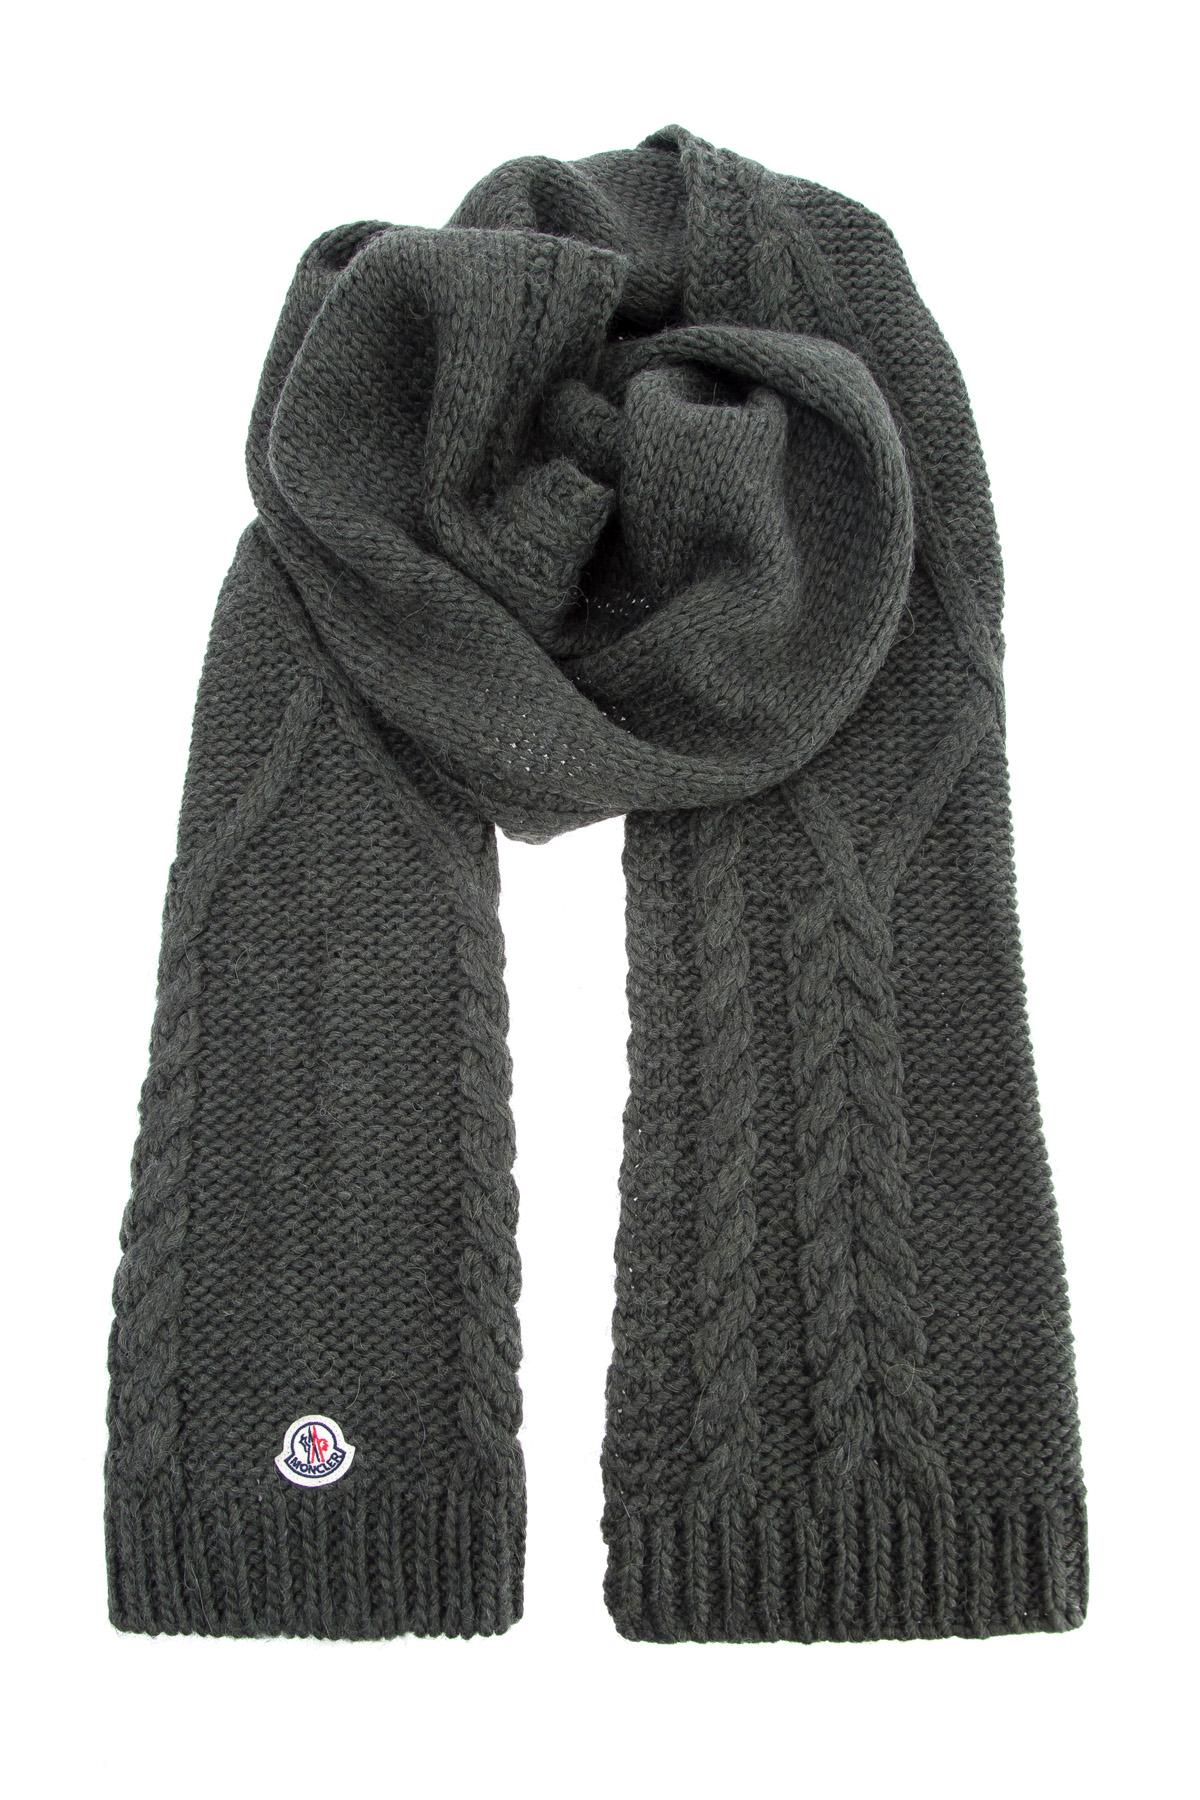 Теплый шарф из пряжи на основе шерсти альпаки плотностью 3 gg